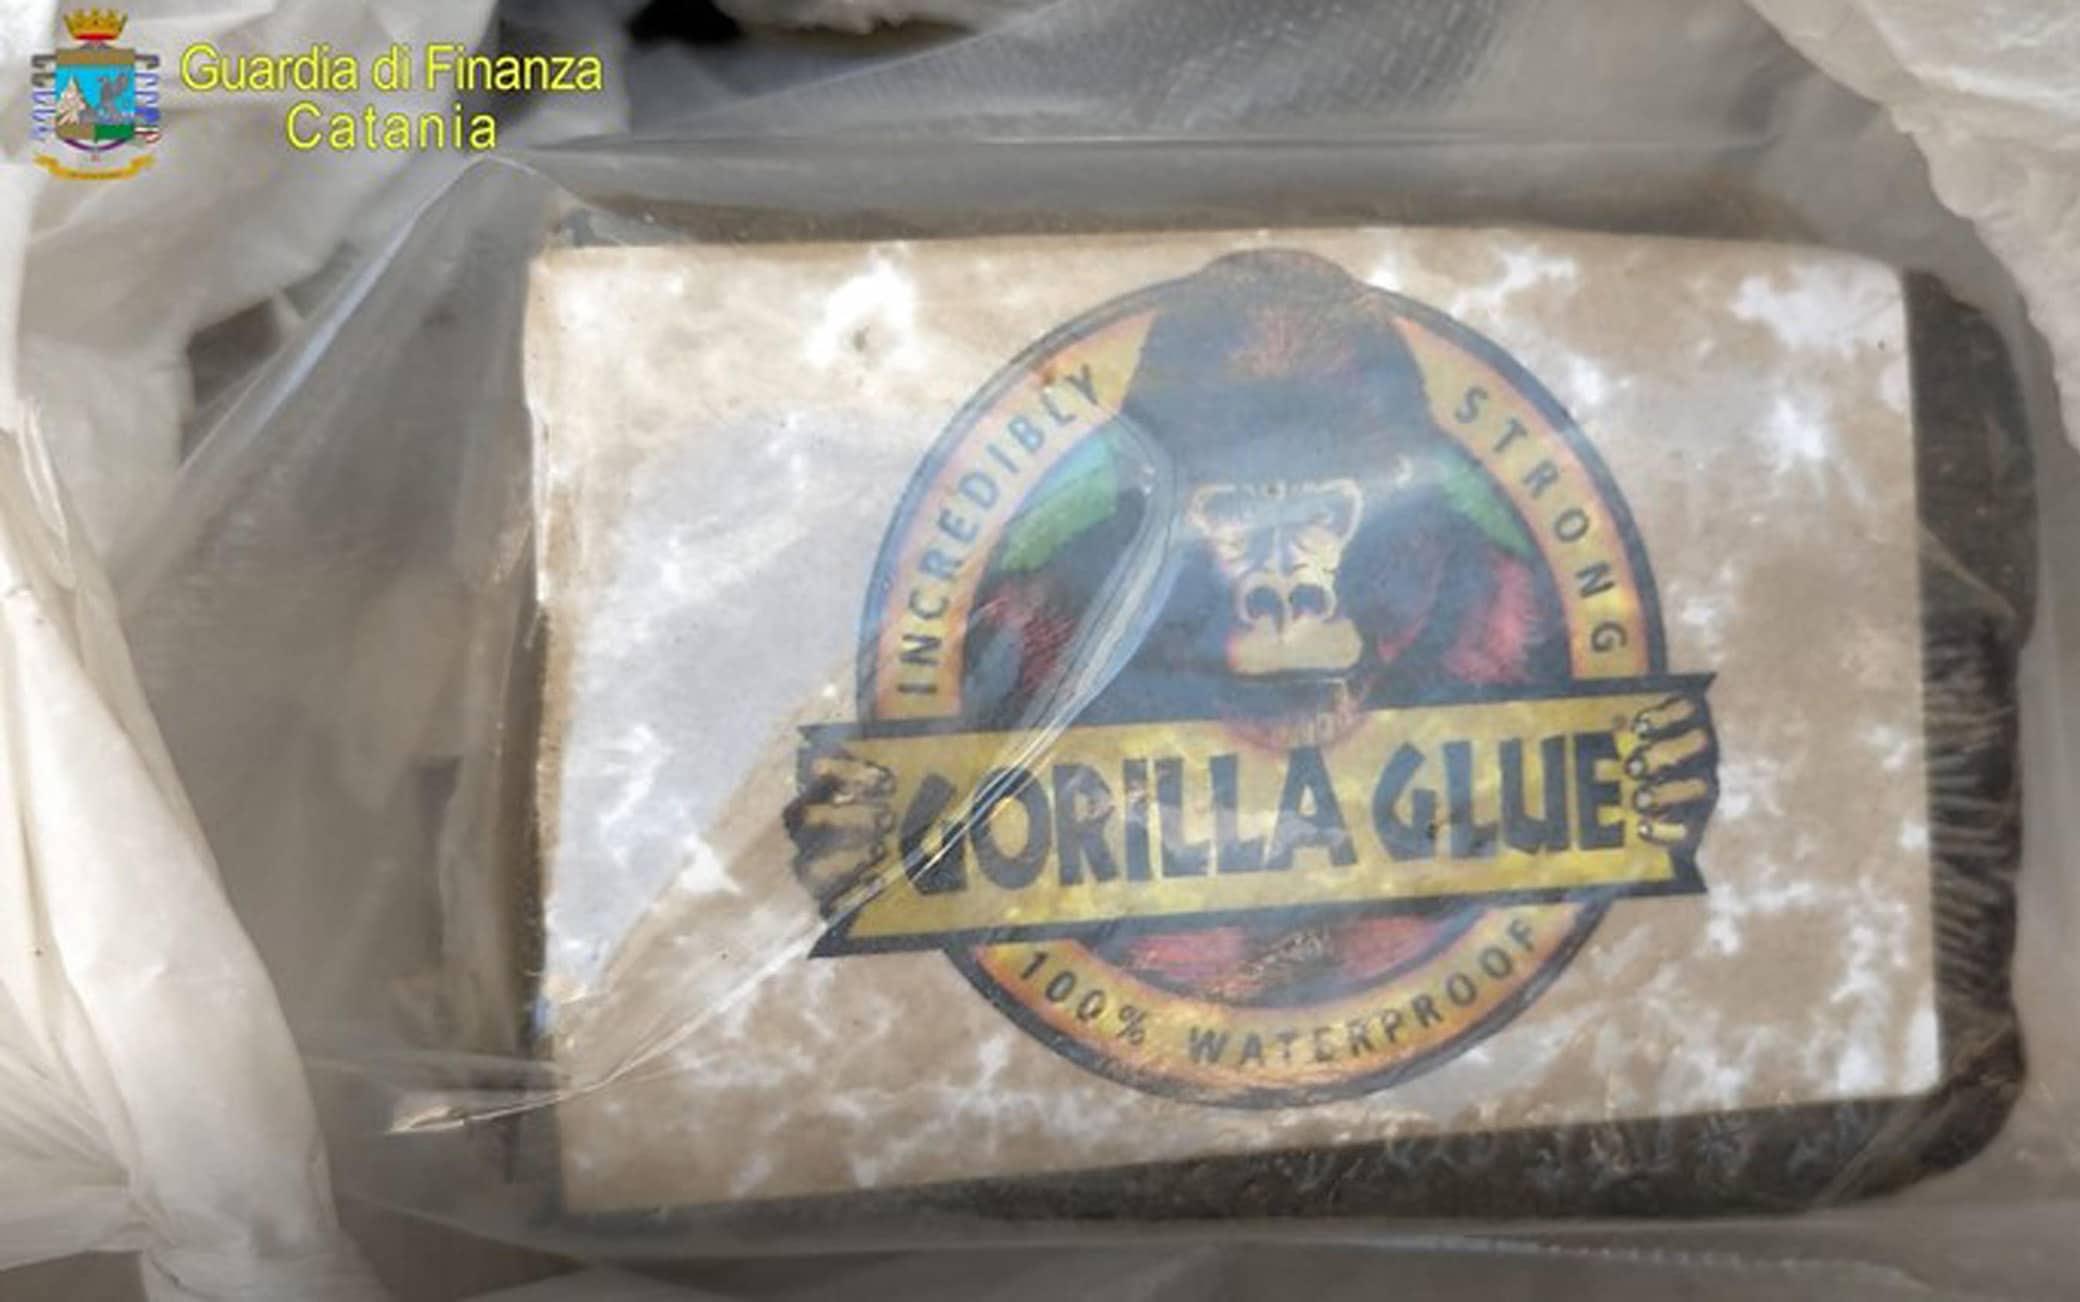 Settantuno chili tra marijuana, hashish e cocaina sono stati scoperti dalla Guardia di finanza durante un blitz nel cimitero di Giarre (Catania), 02 agosto 2021. Due le persone, entrambe originarie di Acireale, arrestate in flagranza di reato.ANSA/ GUARDIA DI FINANZA+++ ANSA PROVIDES ACCESS TO THIS HANDOUT PHOTO TO BE USED SOLELY TO ILLUSTRATE NEWS REPORTING OR COMMENTARY ON THE FACTS OR EVENTS DEPICTED IN THIS IMAGE; NO ARCHIVING; NO LICENSING +++